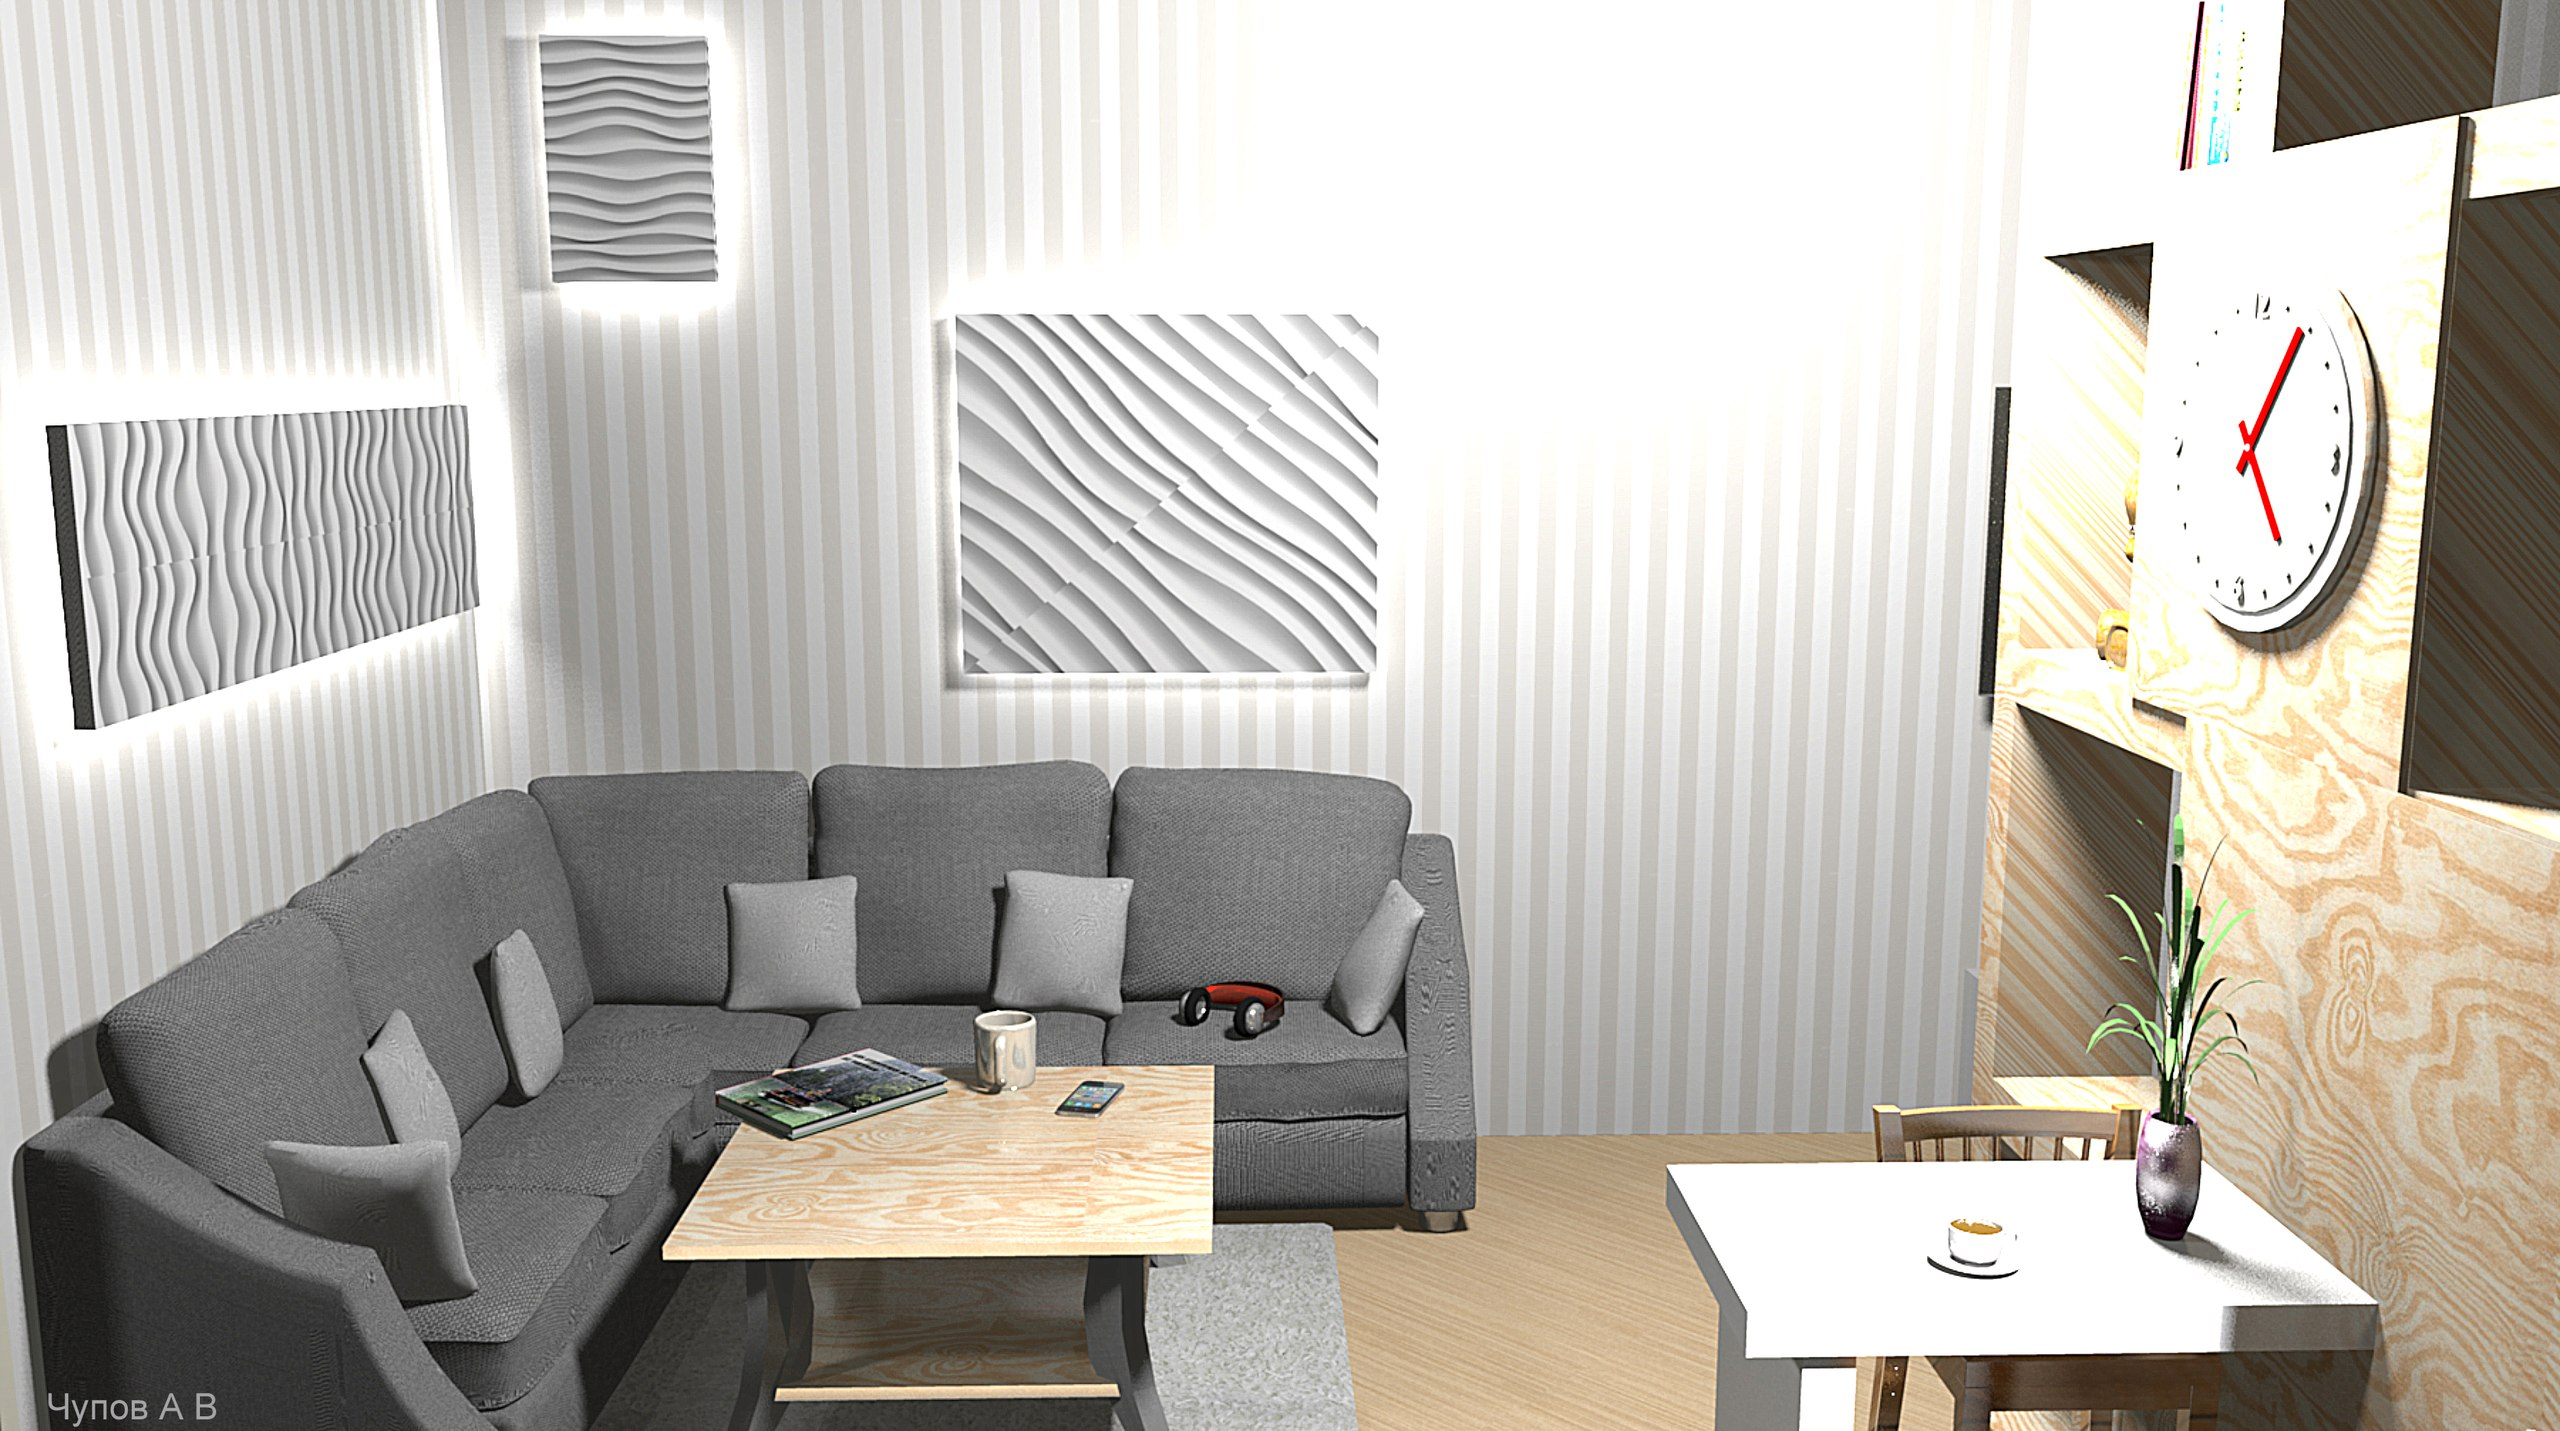 Квартира-студия : гостиная, кухня, спальня на 20 кв/м, автор проекта Чупов А.